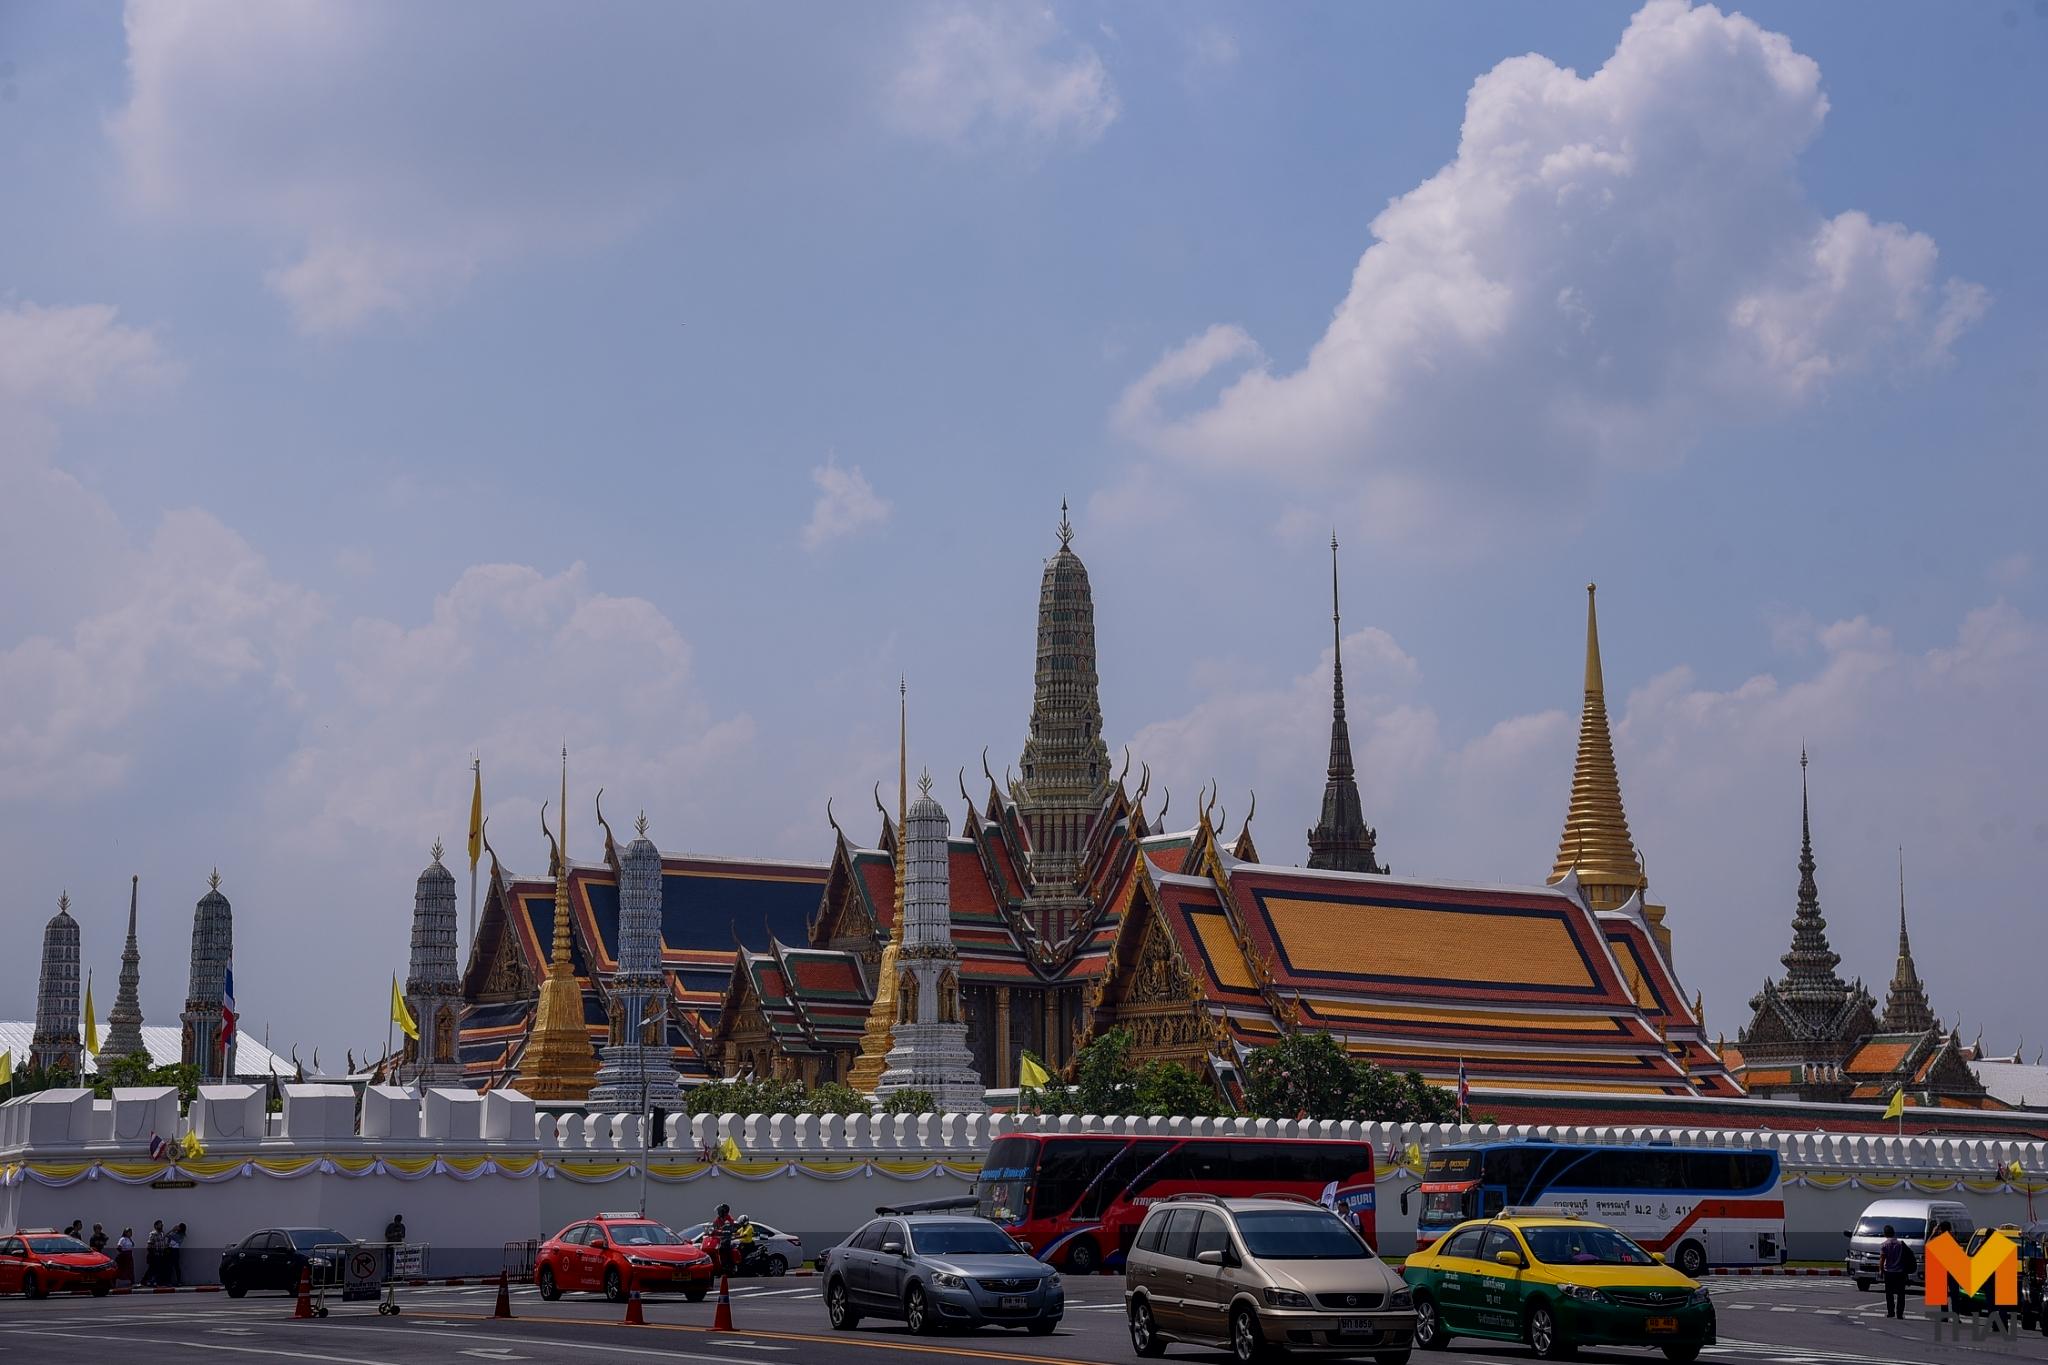 กรุงเทพมหานคร ข่าวสดวันนี้ เมืองท่องเที่ยวอันดับ1